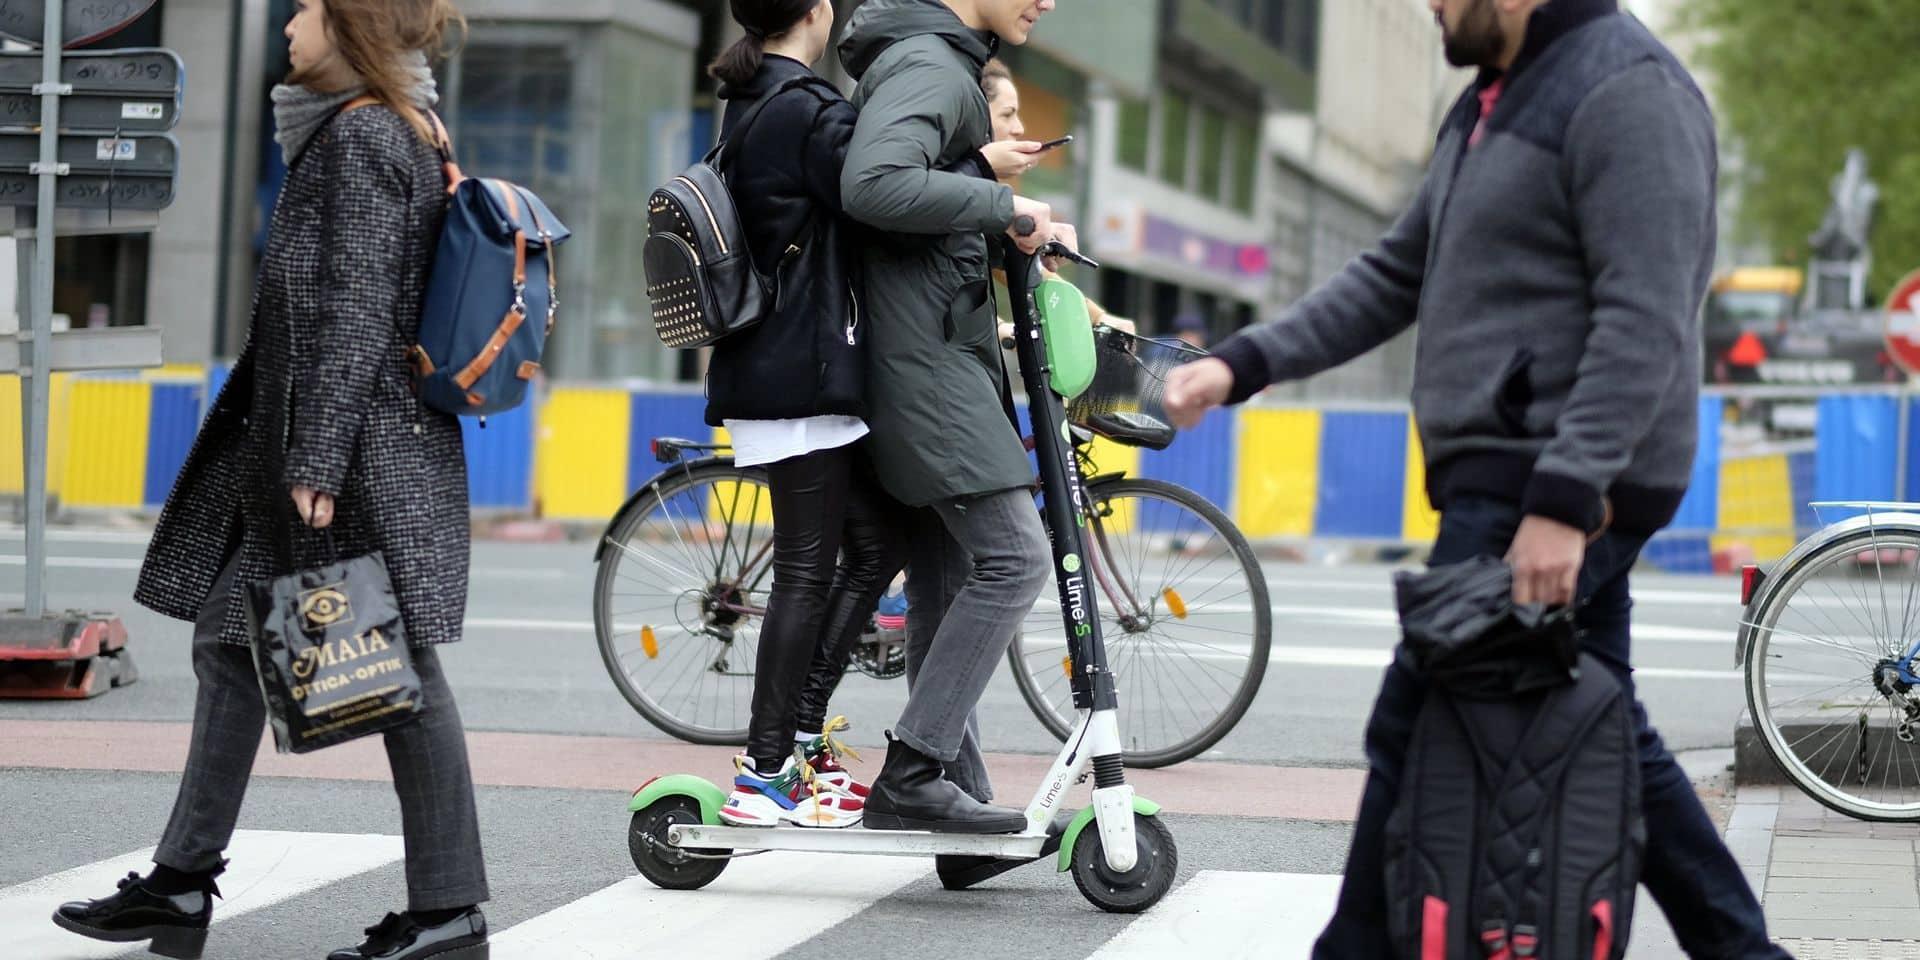 Les lieux à risque pour les trottinettes électriques vont être cartographiés à Bruxelles